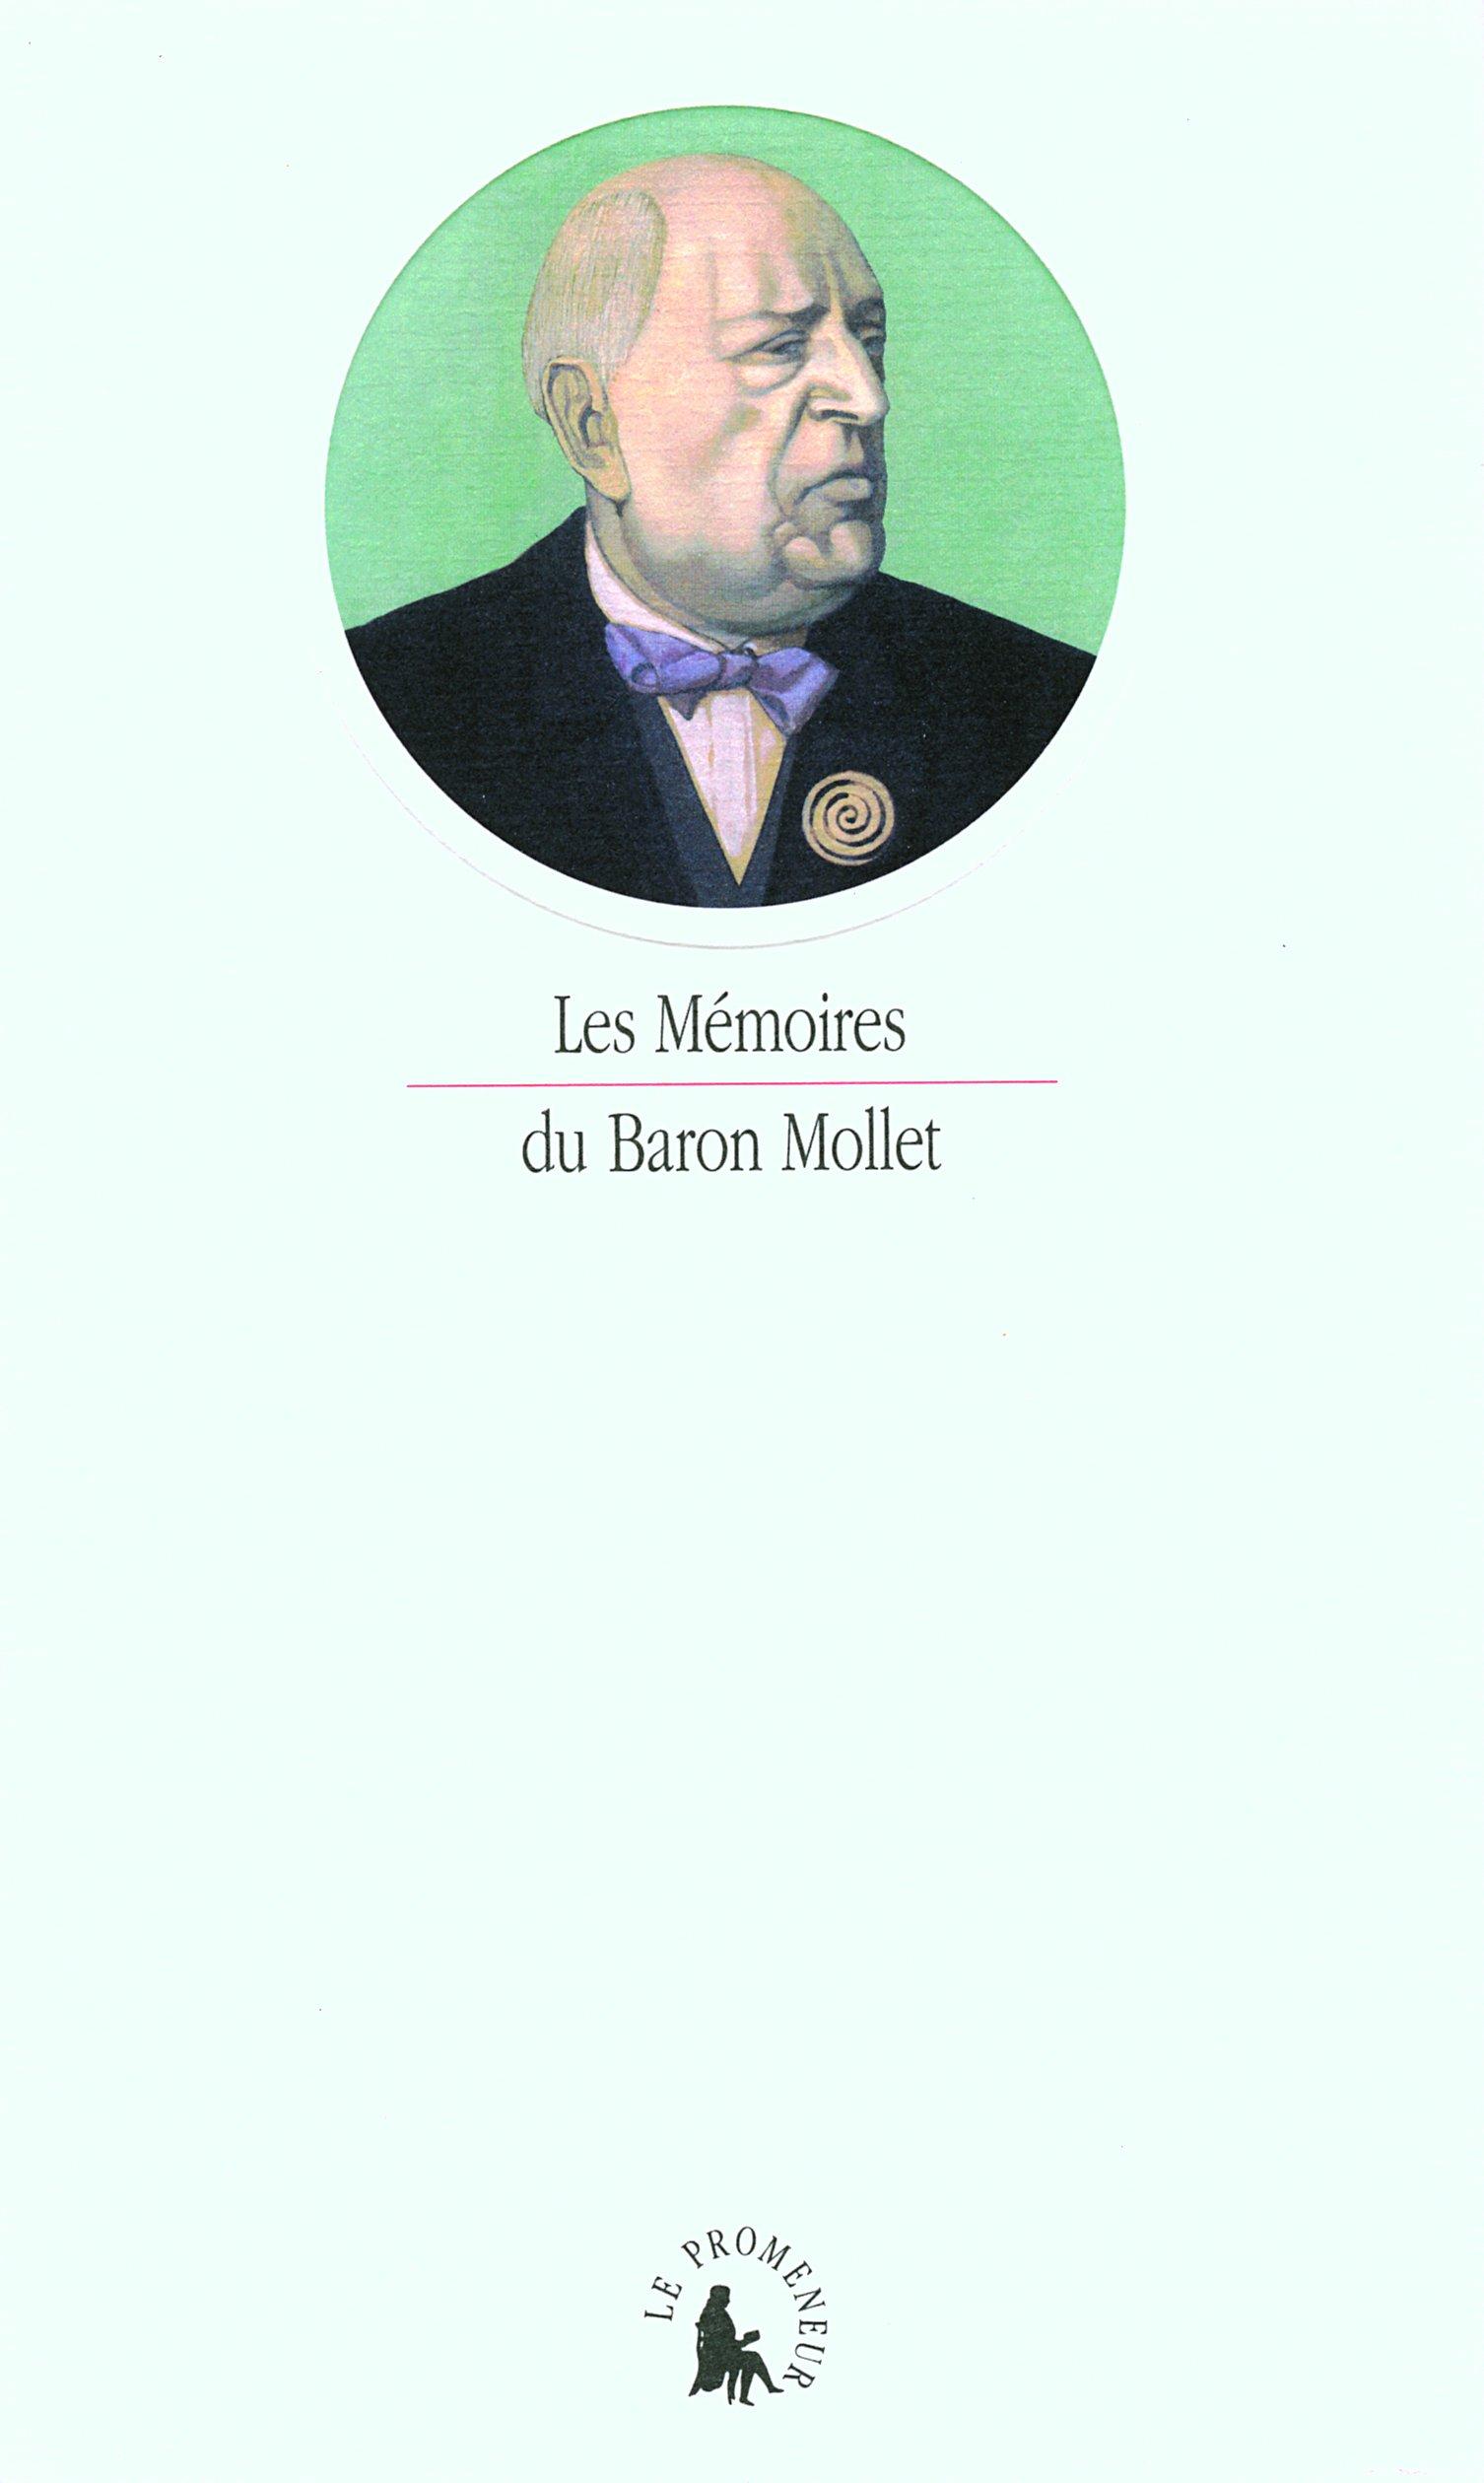 Amazon.com: Les Mémoires du Baron Mollet (9782070121519 ...